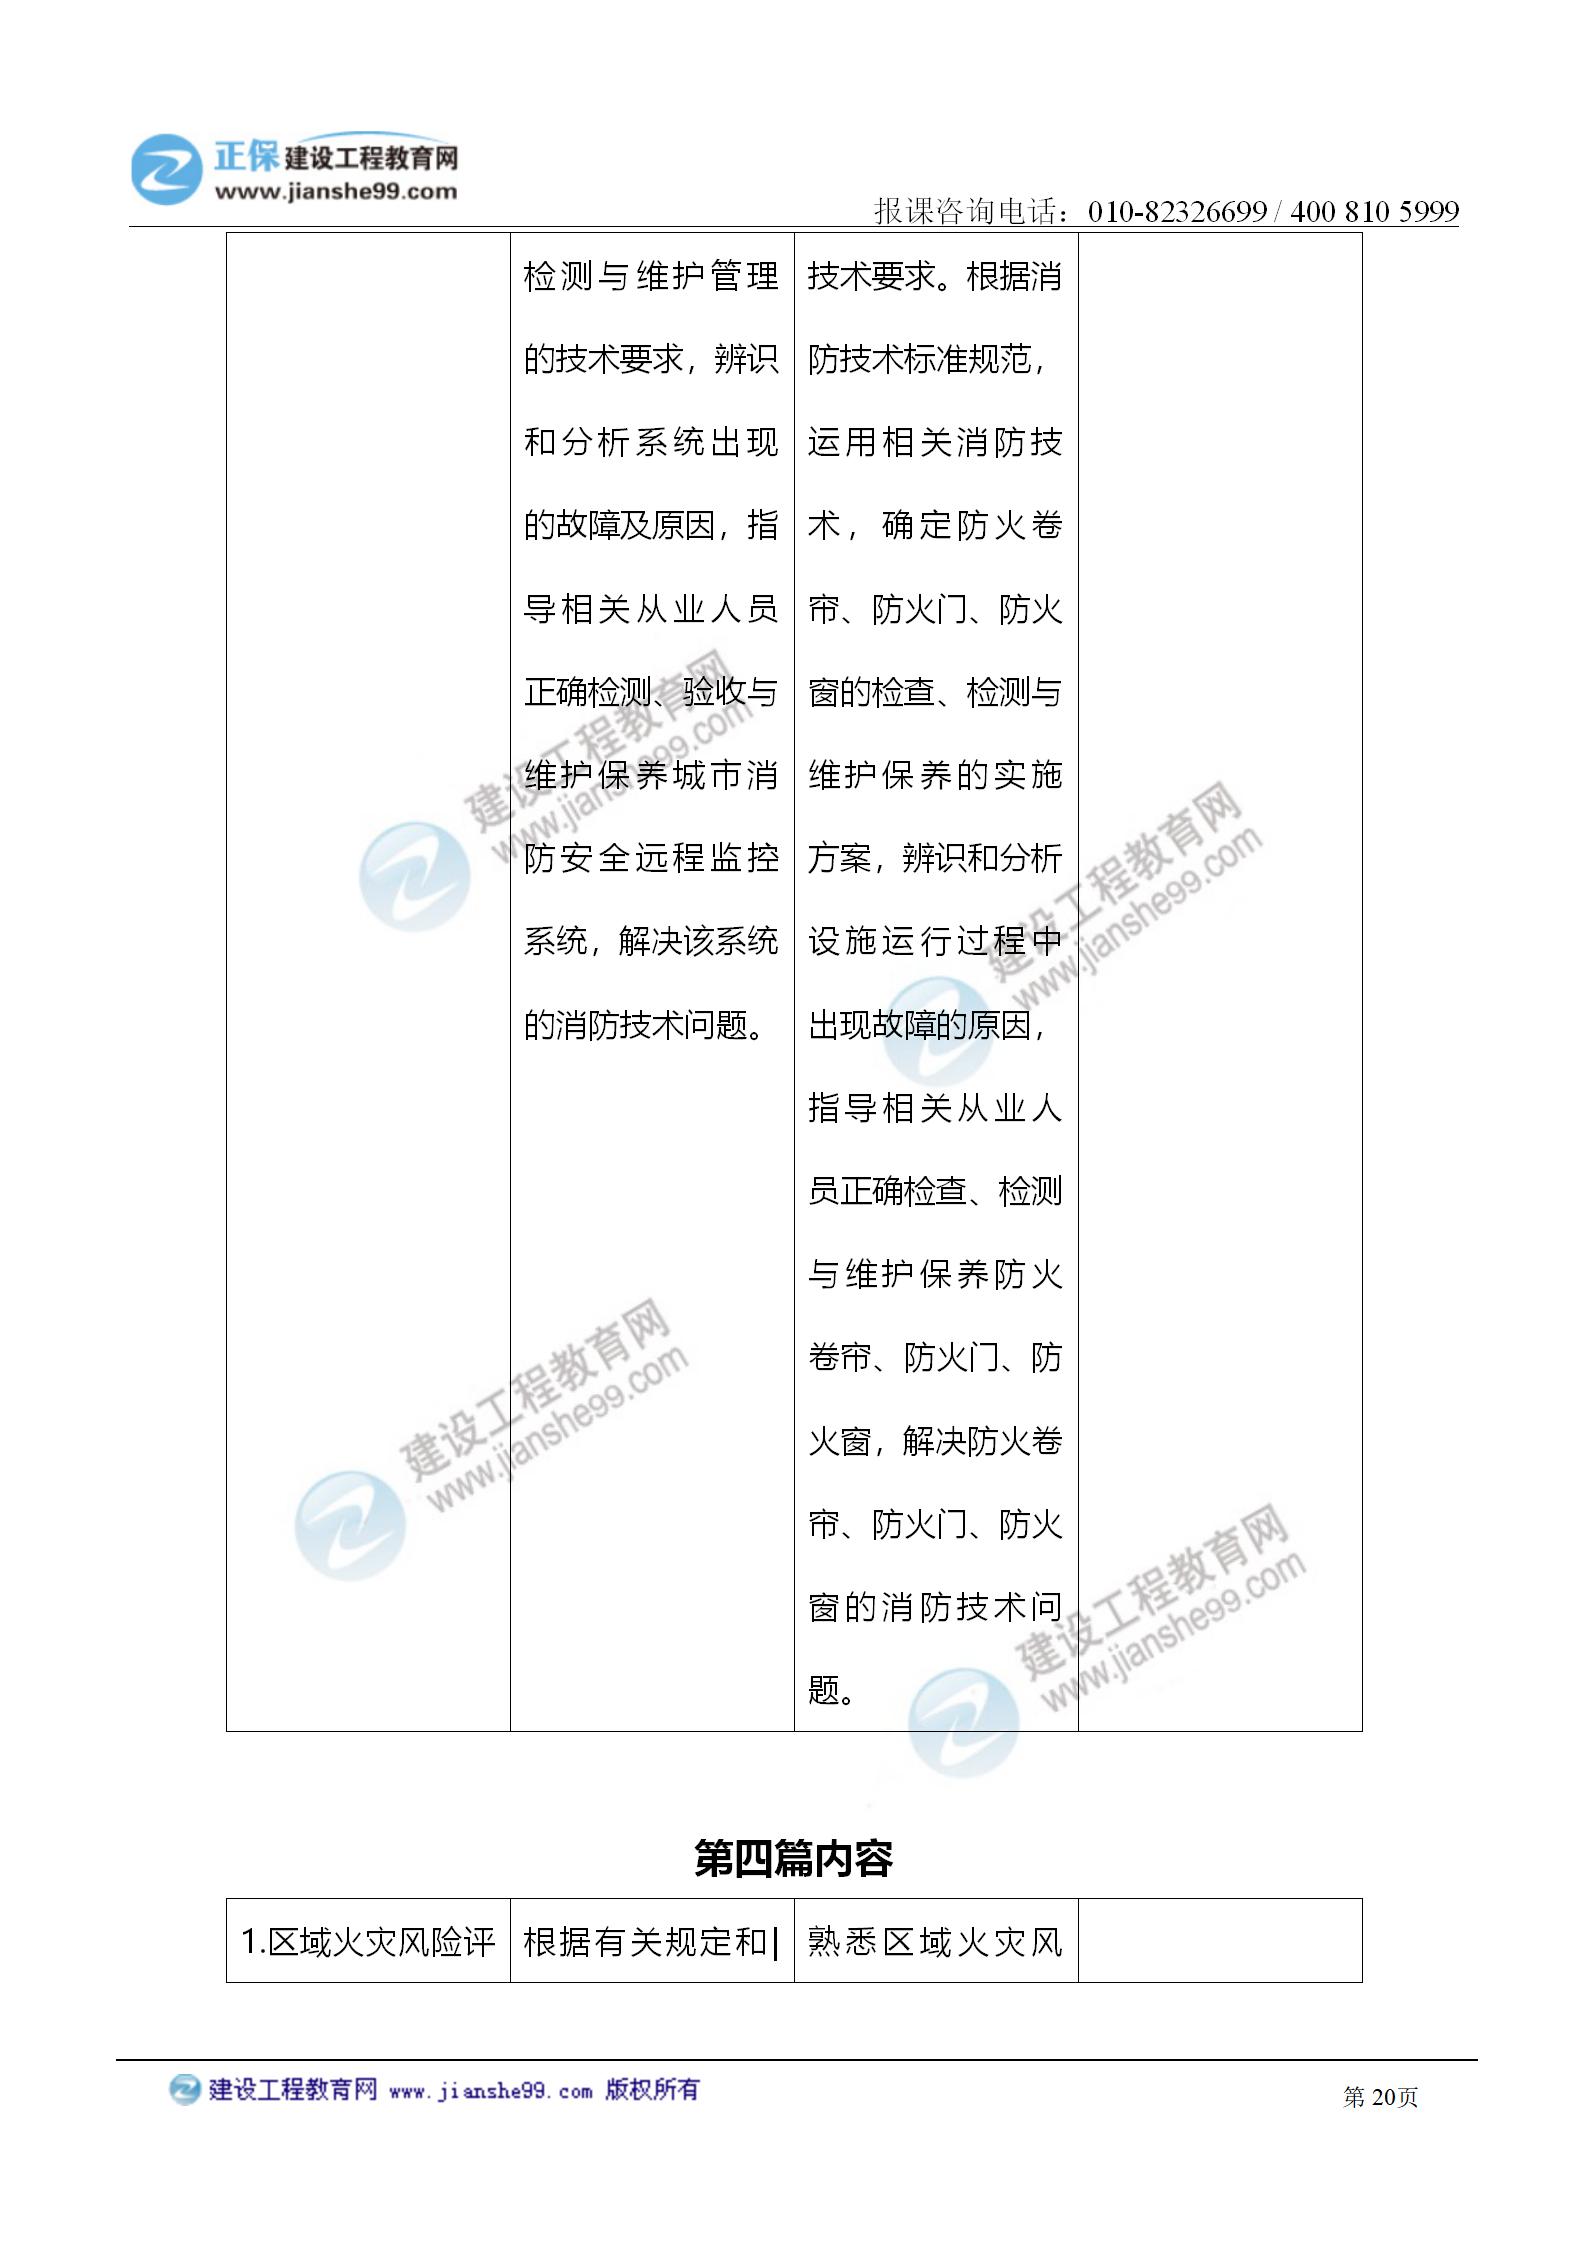 2021注册消防工程师《综合能力》考试大纲变化情况_20